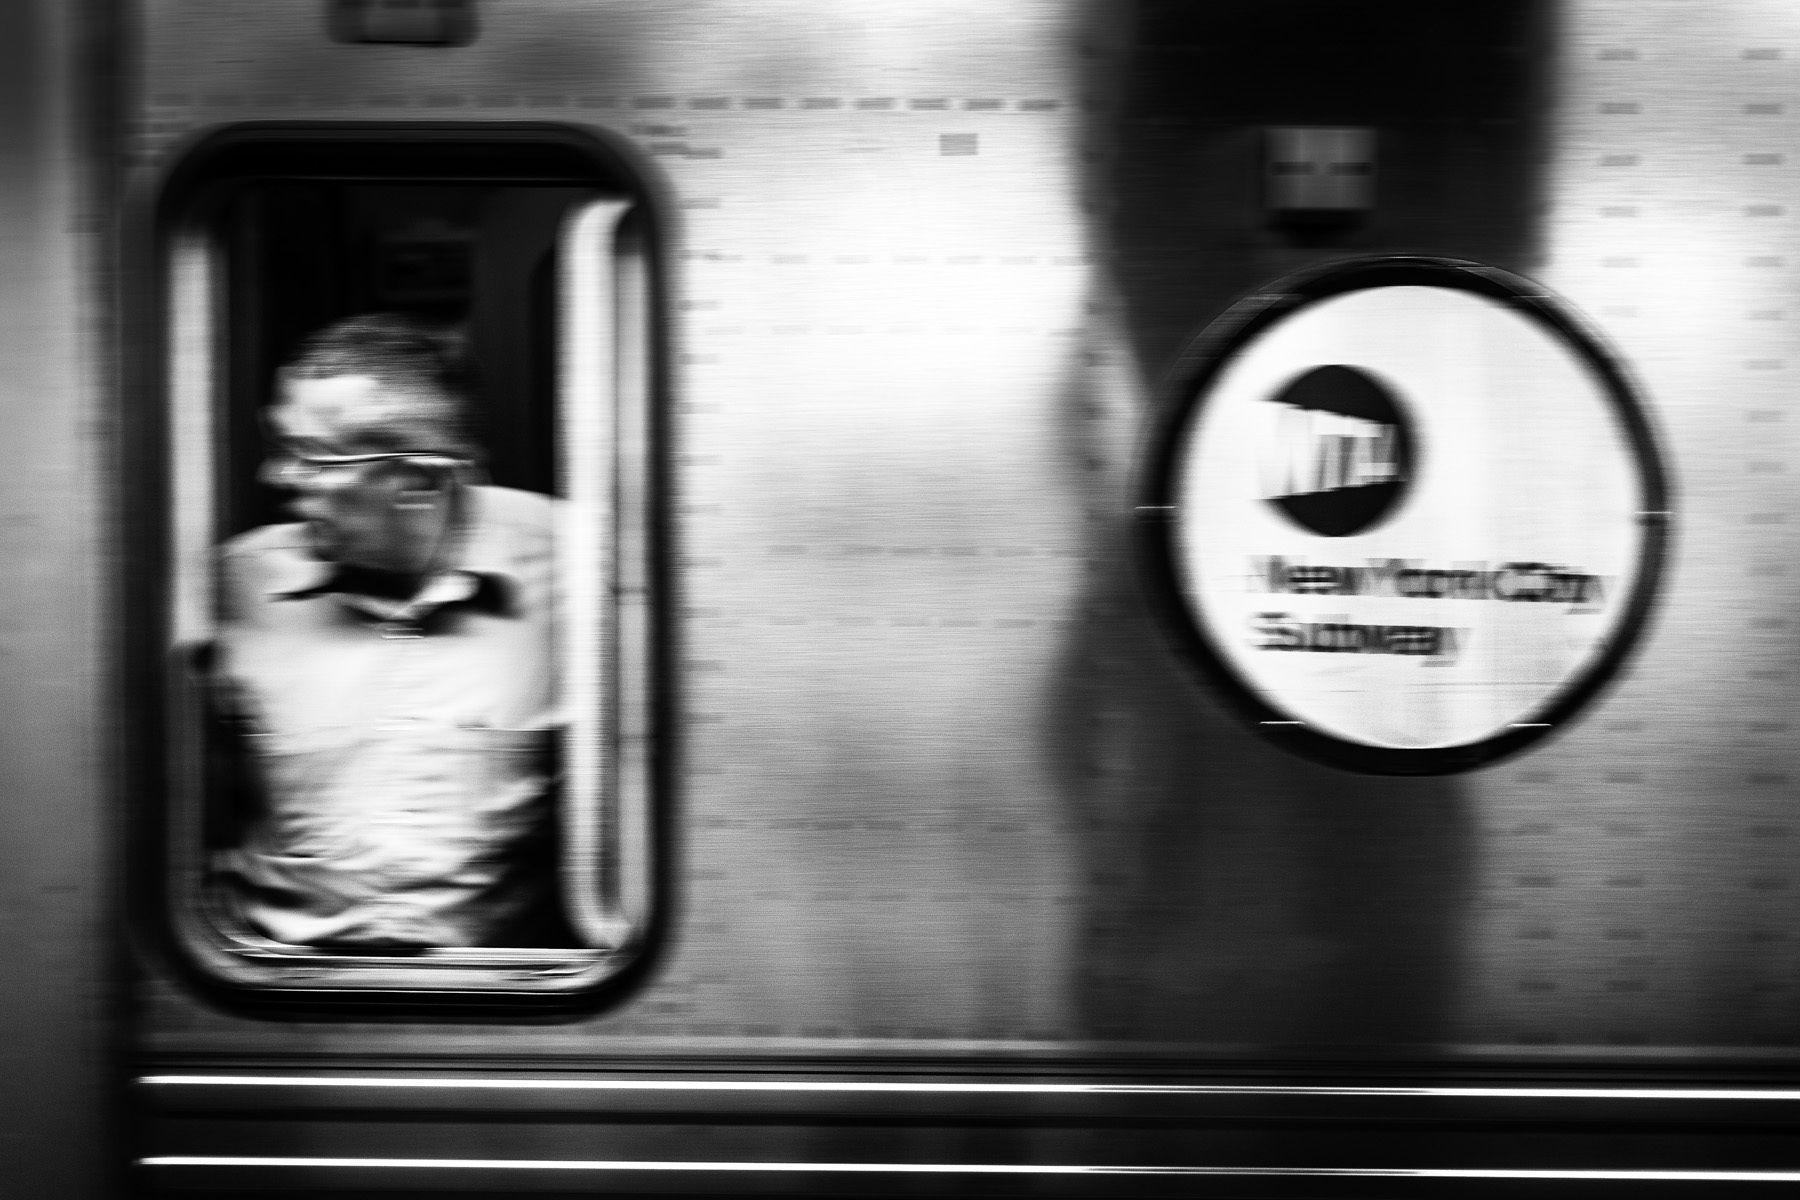 Subway, New York, NY, 2012